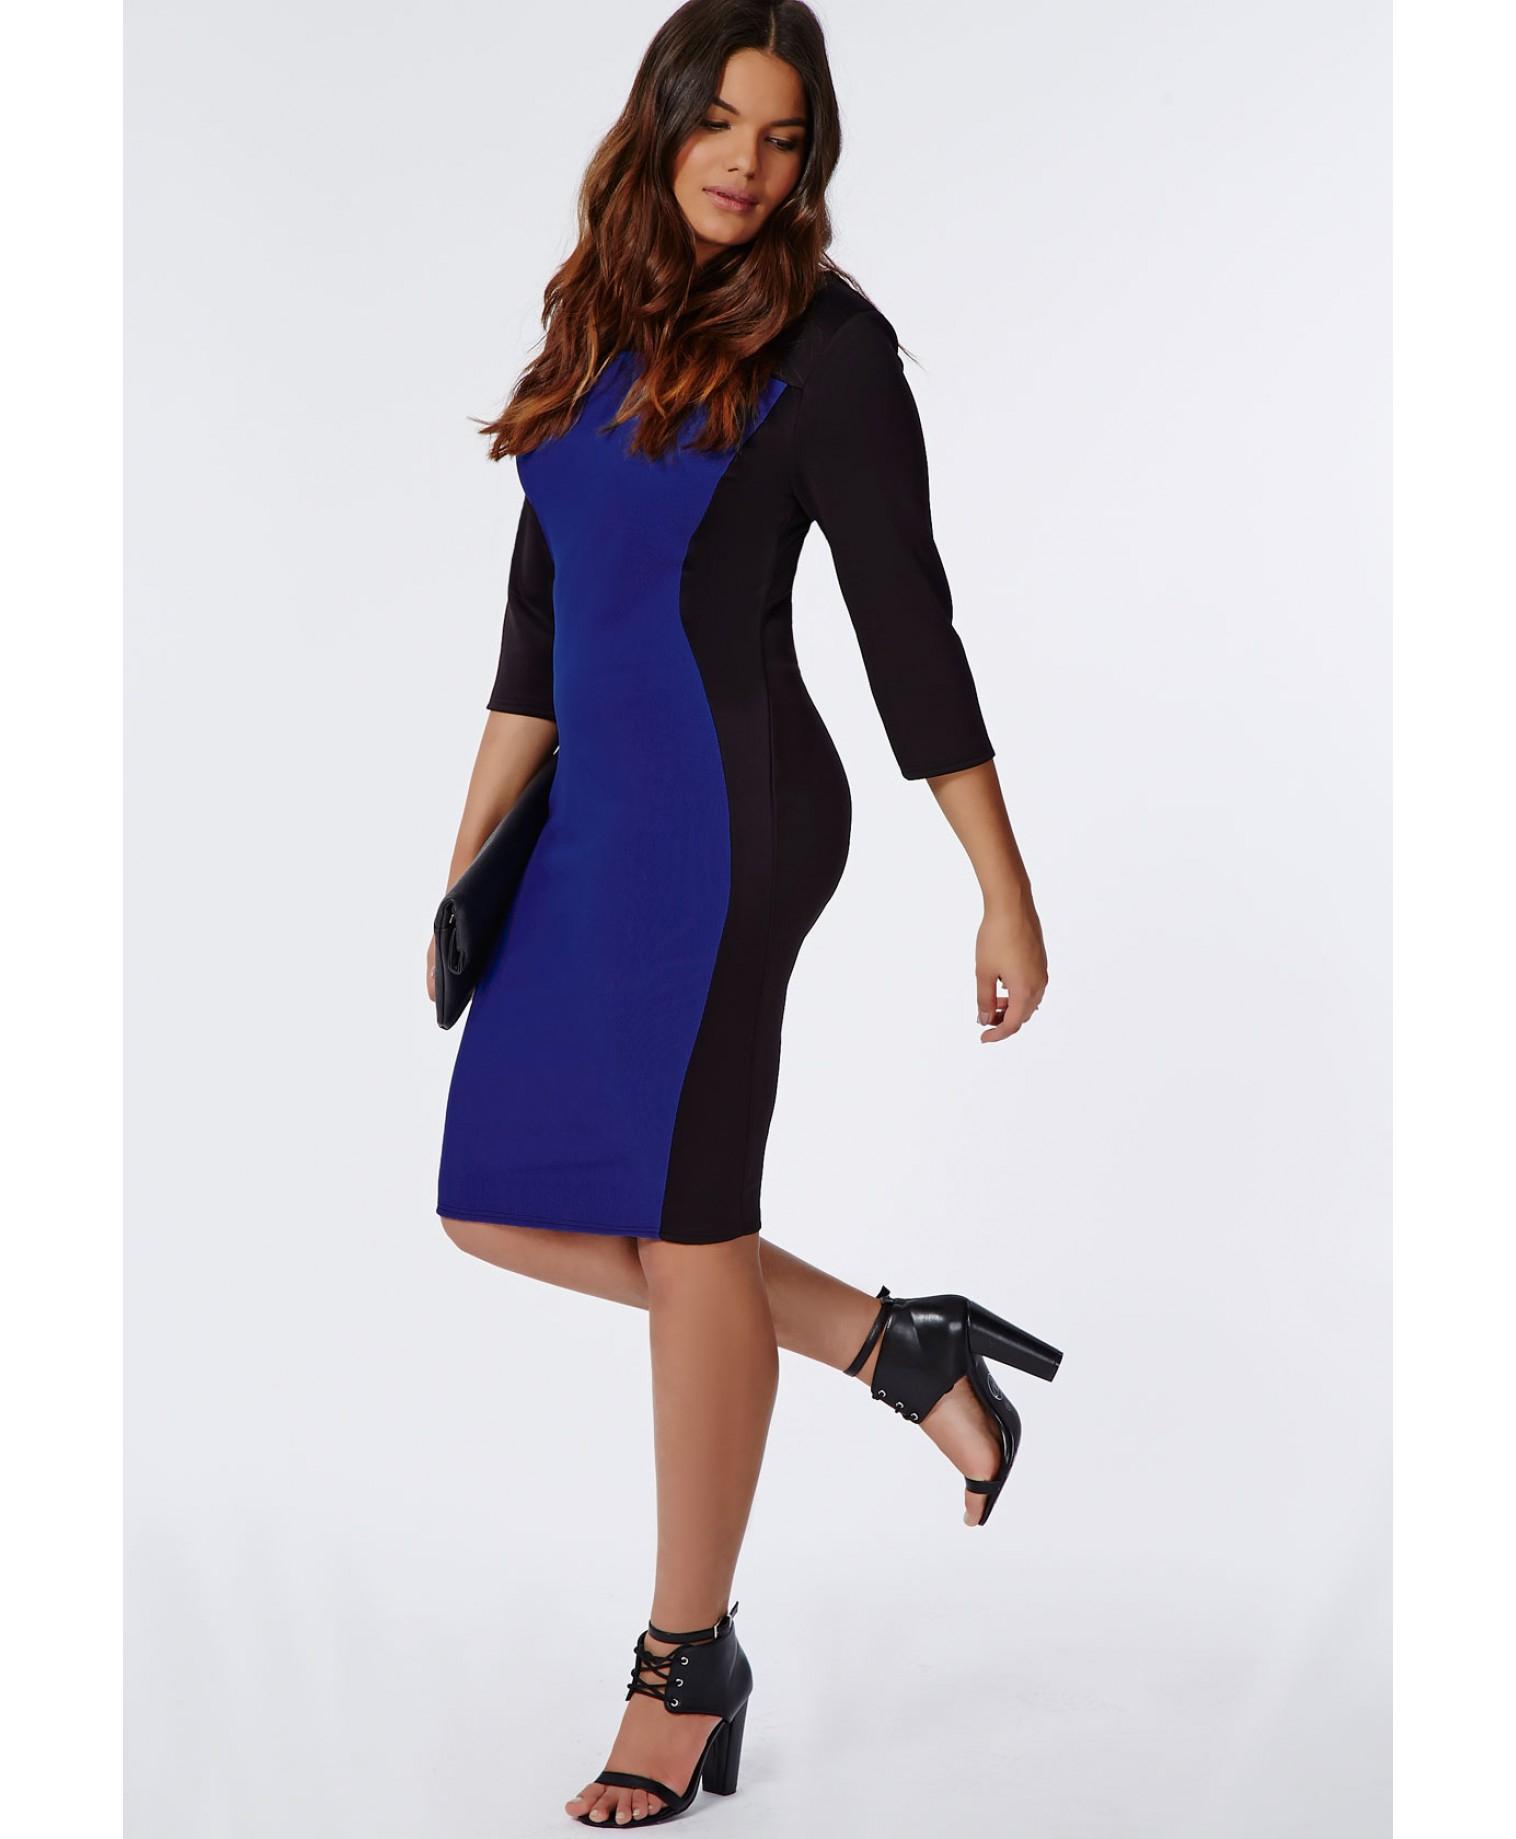 Plus Size Illusion Dress - Photo Dress Wallpaper HD AOrg